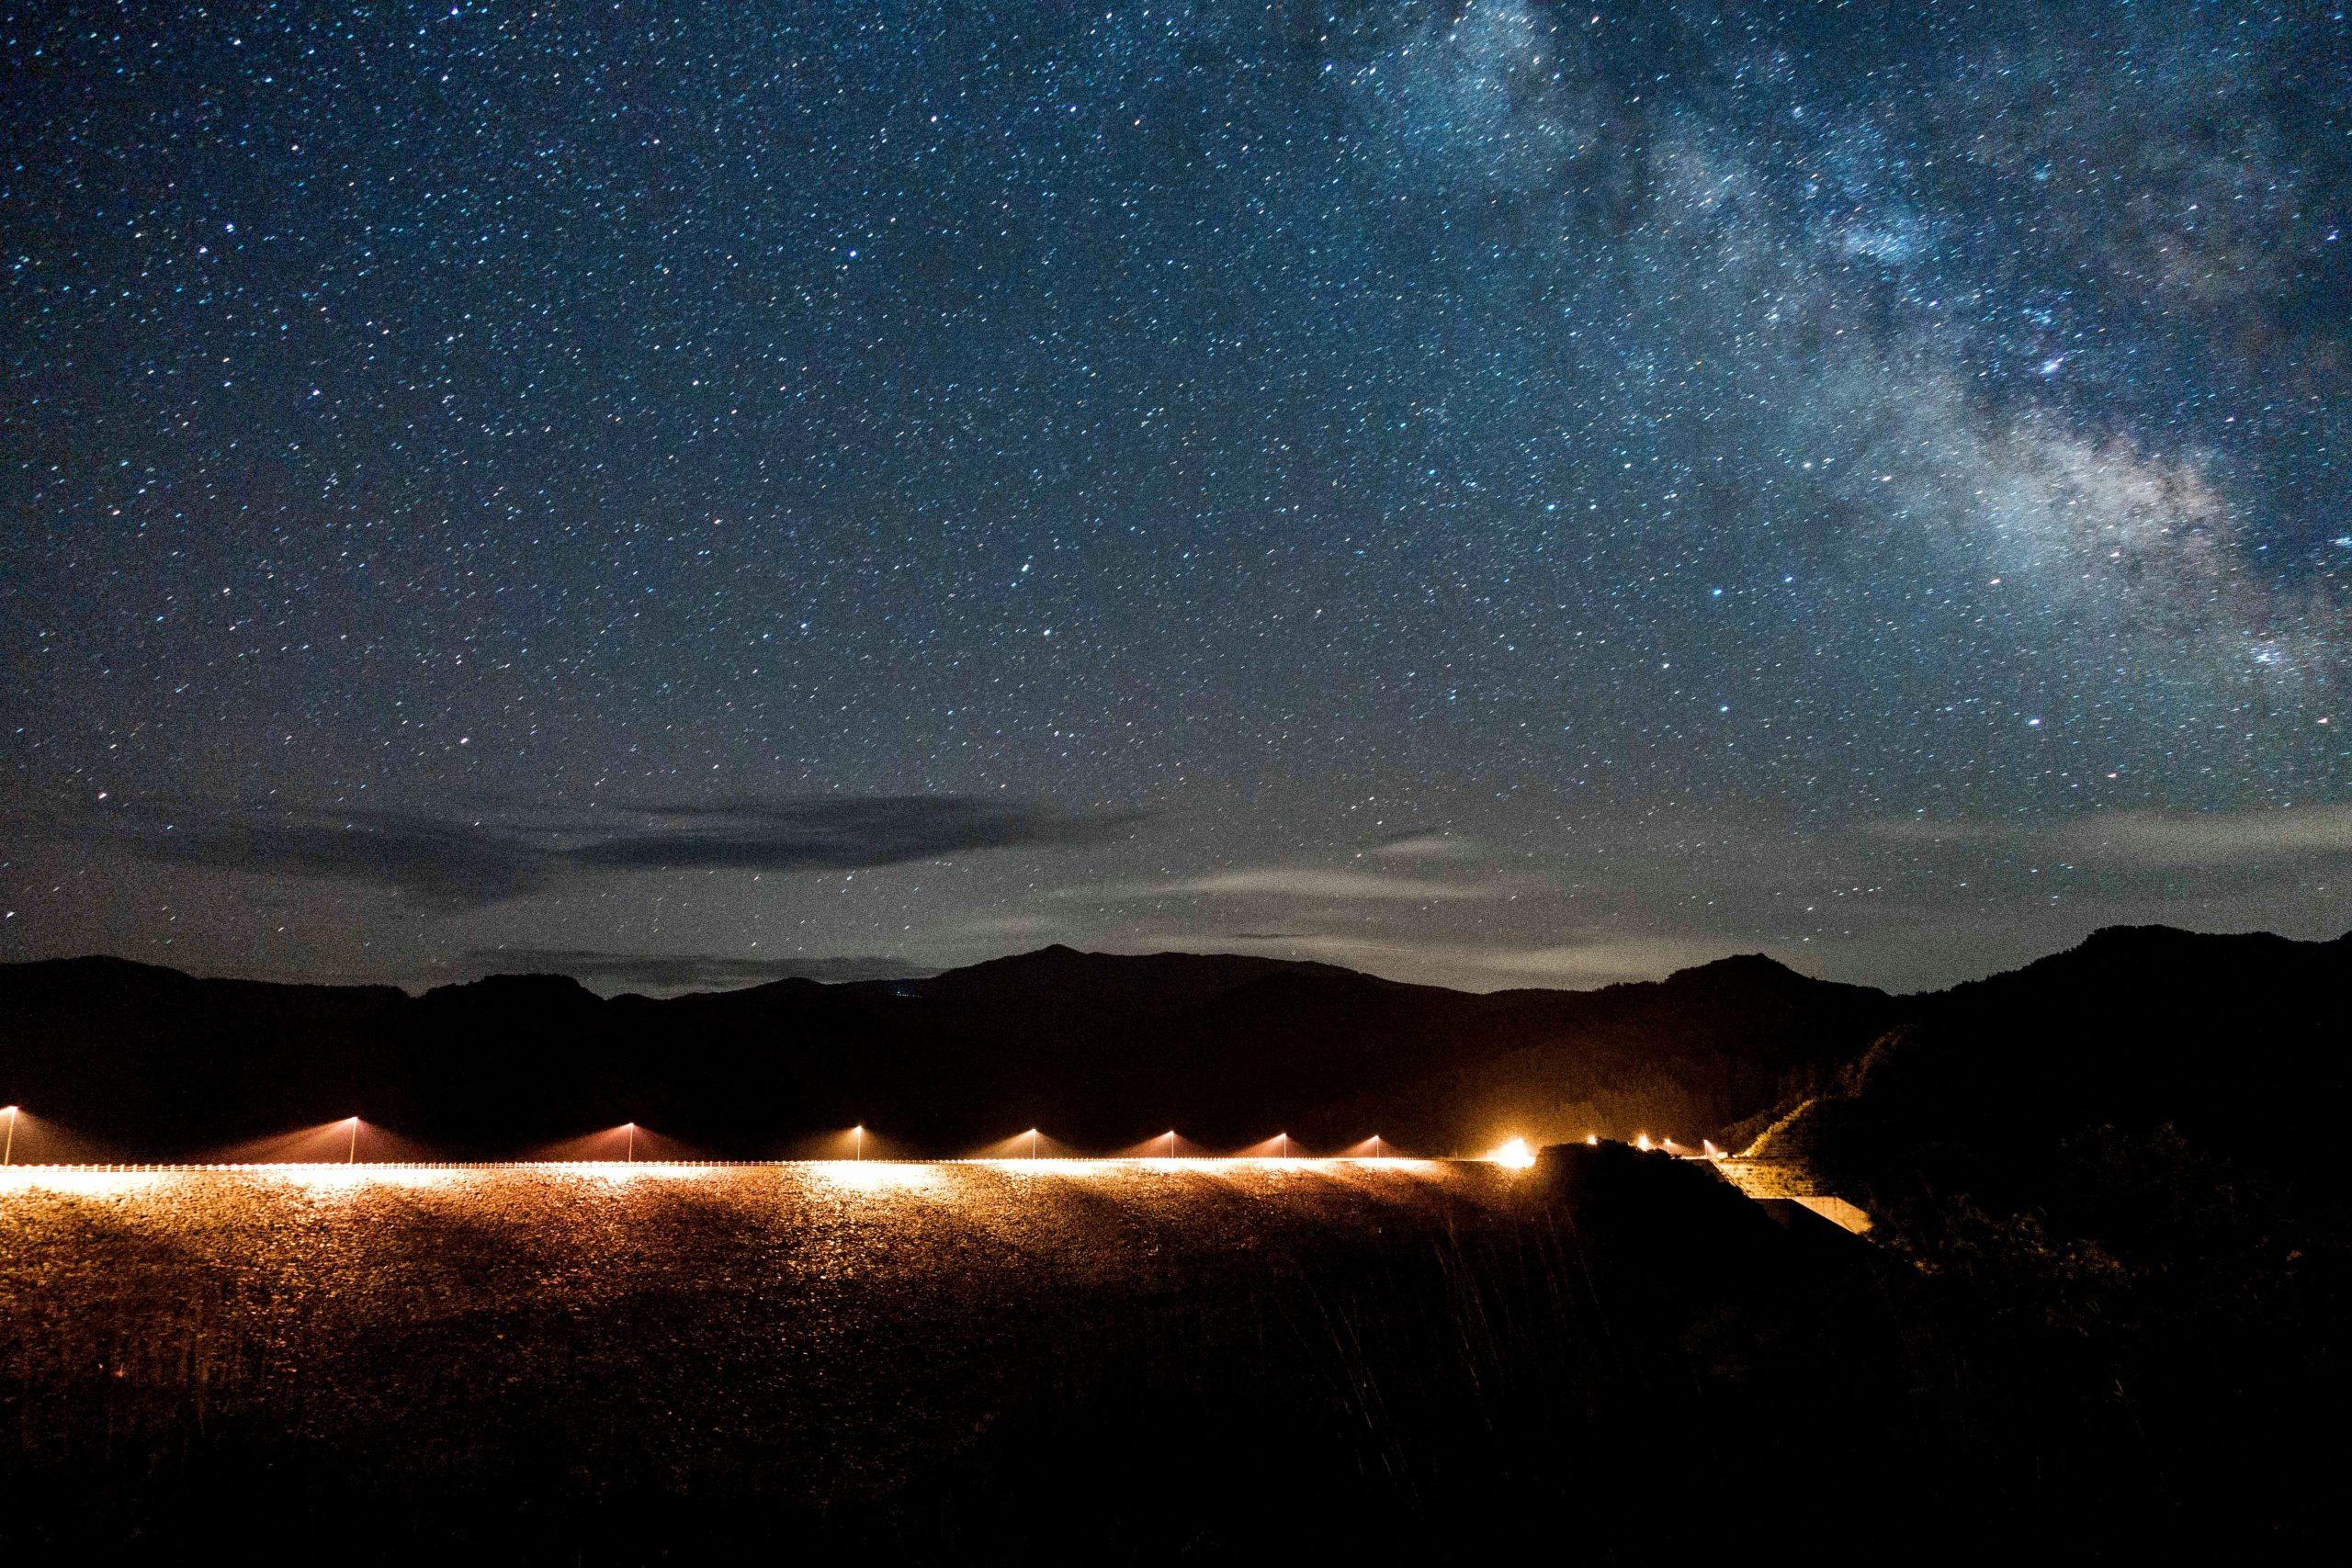 満天の星空のロマンティックな無人駅